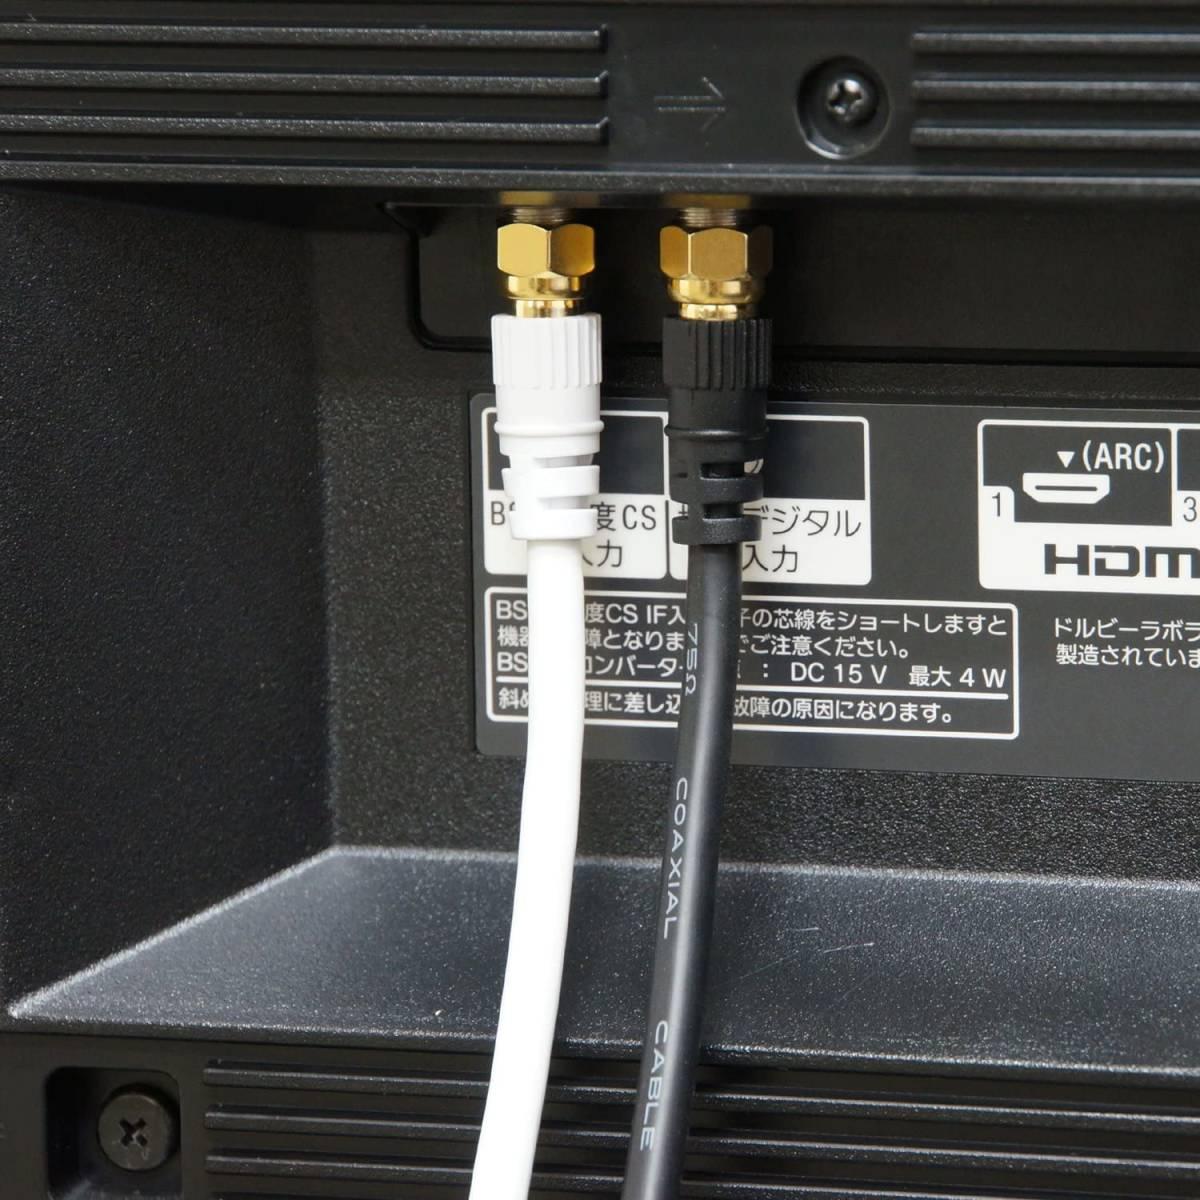 【送料無料】HORIC アンテナケーブル S-4C-FB同軸 1.5m ブラック 黒 F型差込式/ネジ式コネクタ L字/ストレートタイプ HAT15-040LSBK_画像5